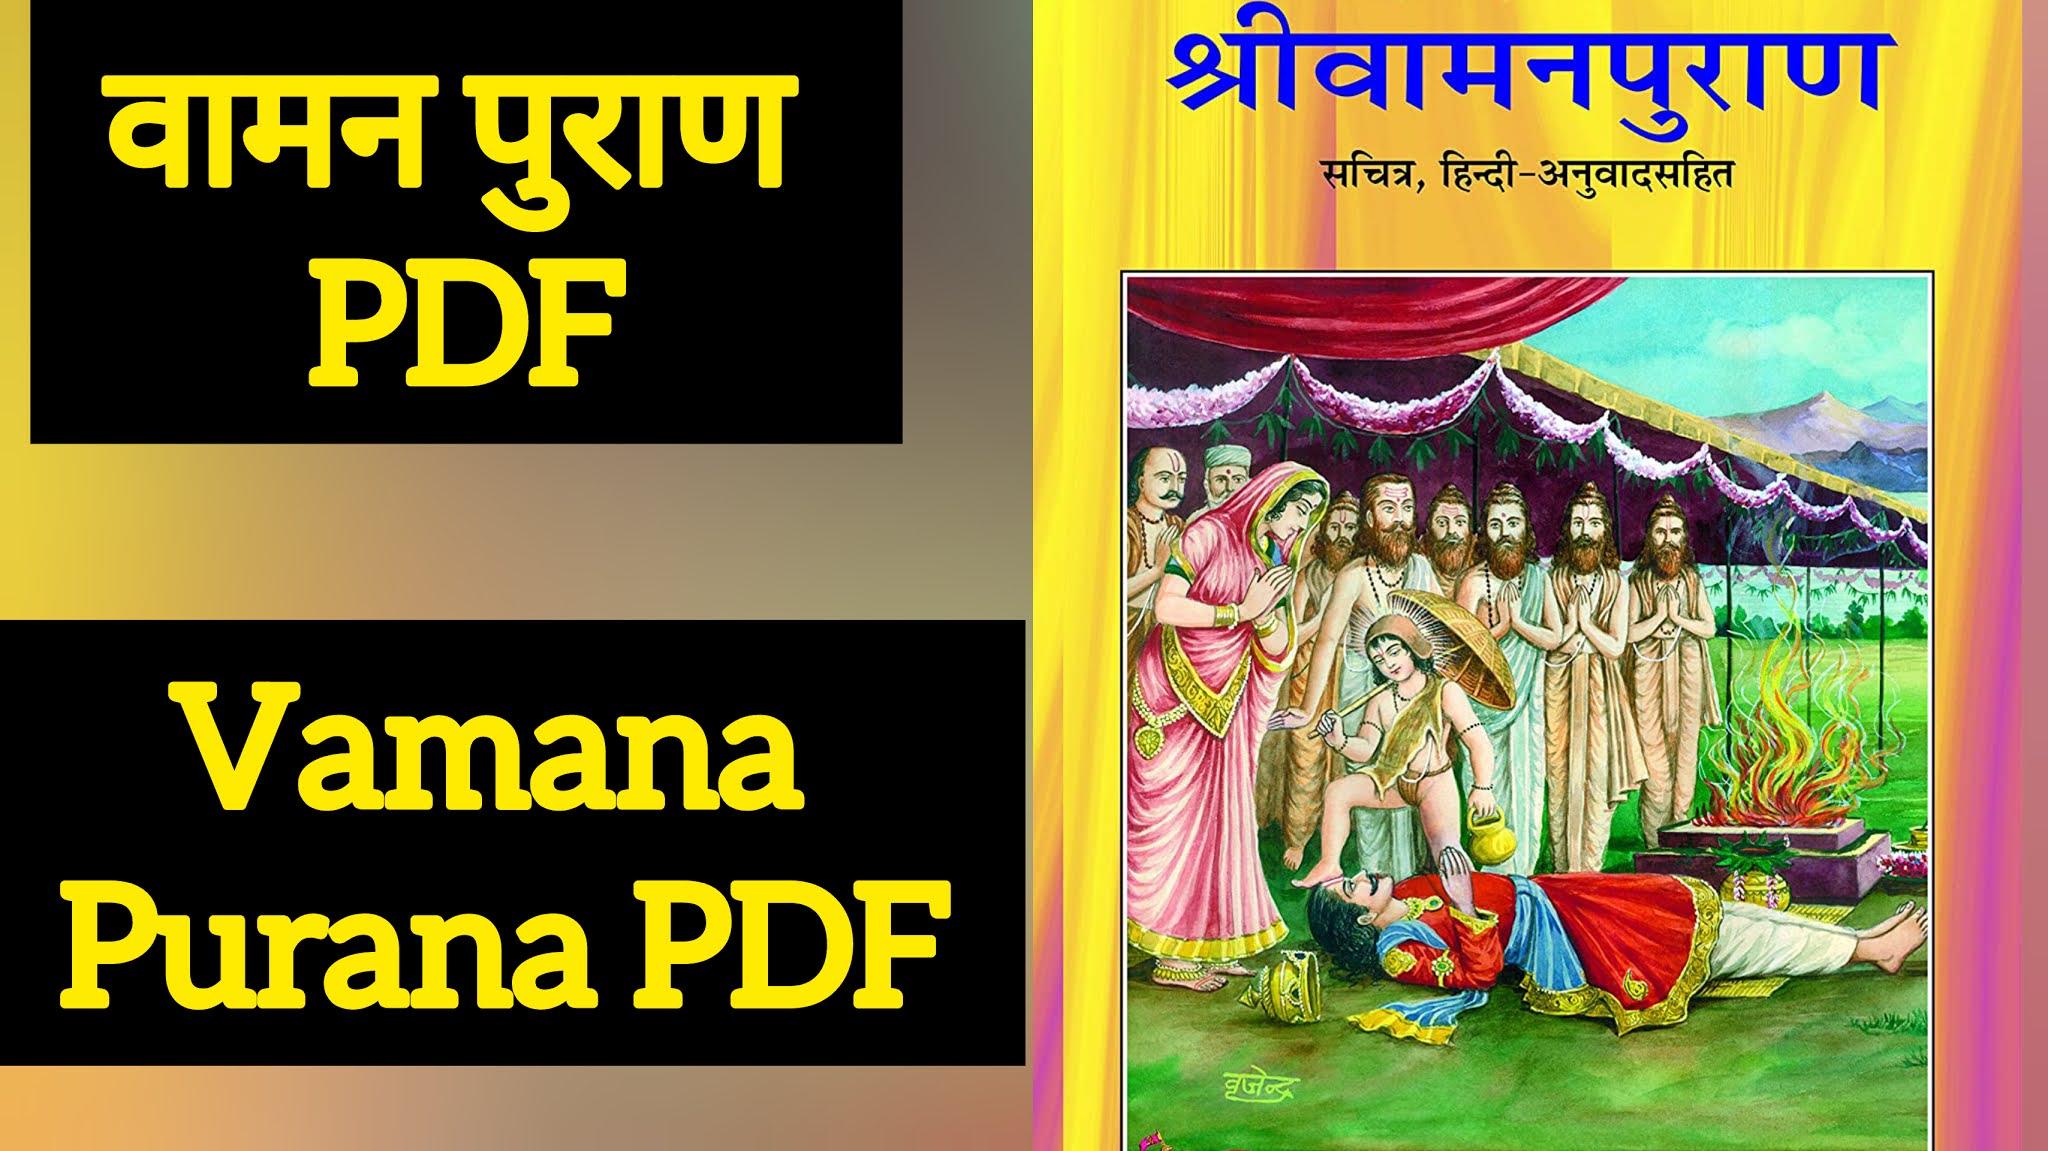 Vamana Purana PDF